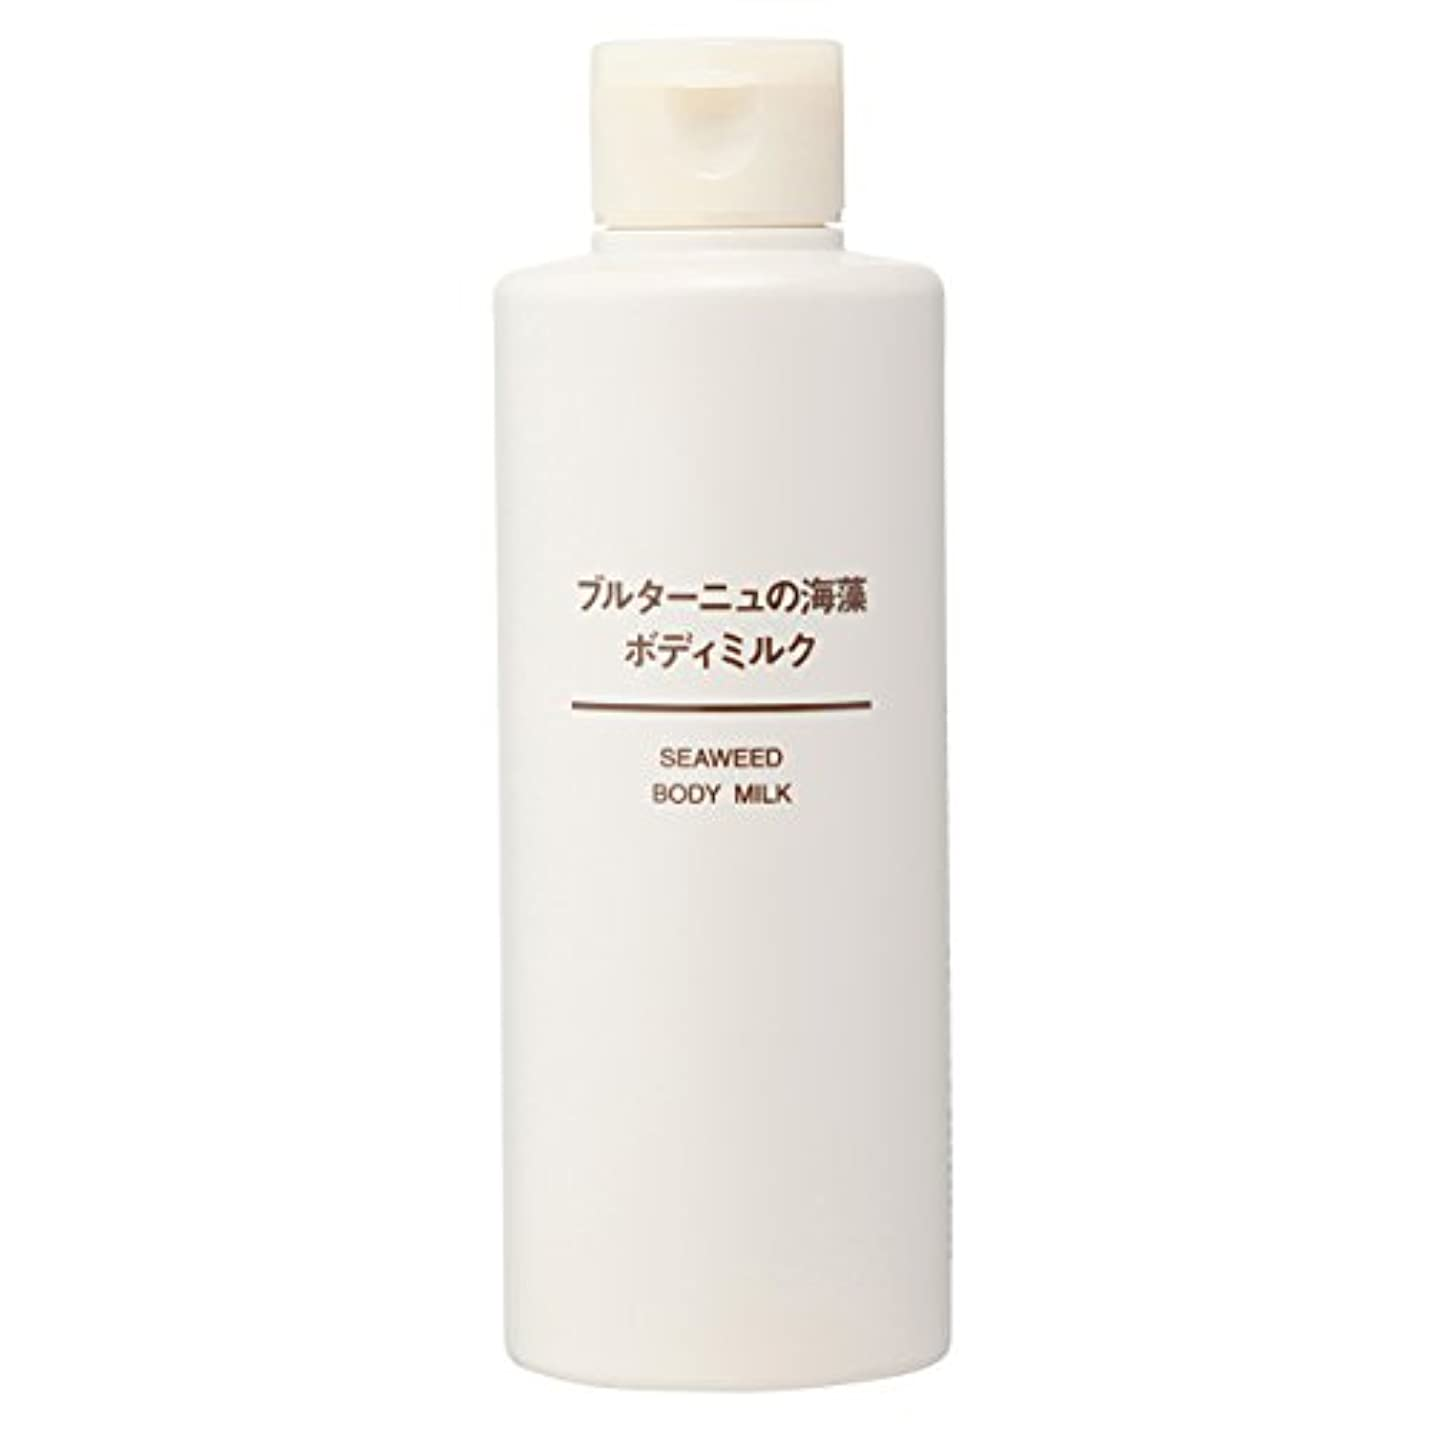 五月撃退する免除する無印良品 ブルターニュの海藻 ボディミルク 200ml 日本製